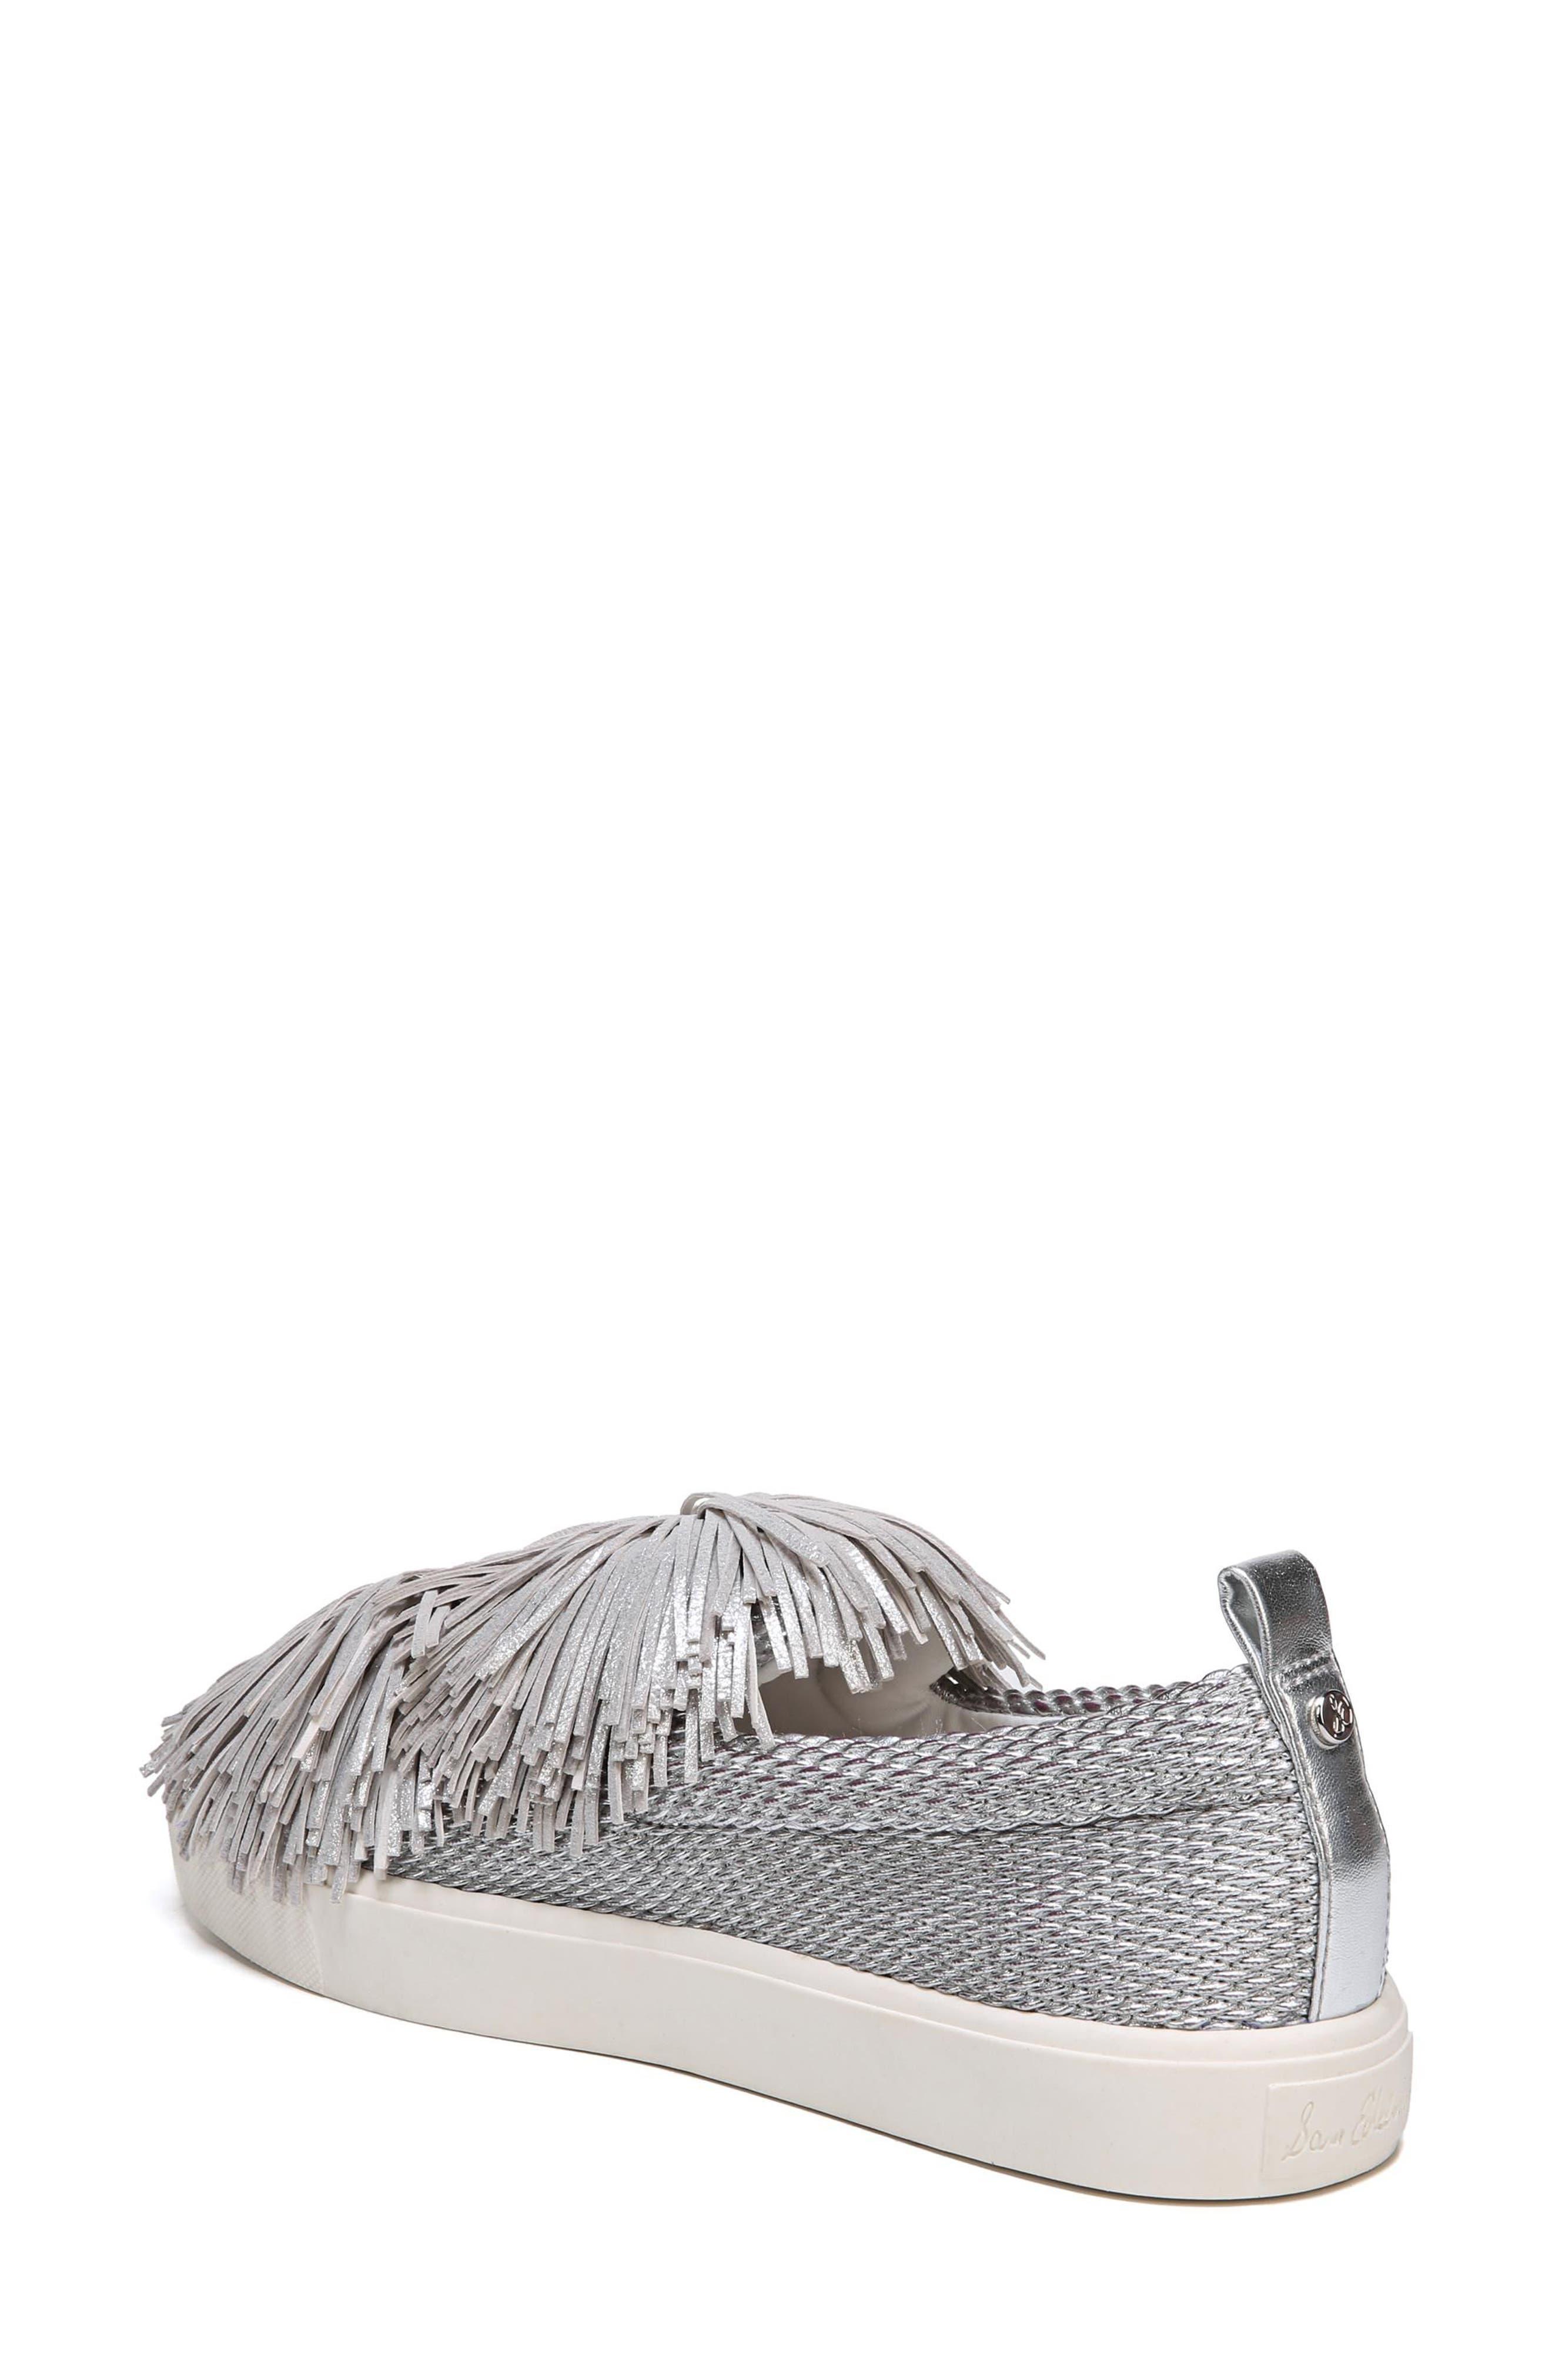 Emory Fringe Pompom Sneaker,                             Alternate thumbnail 2, color,                             Metallic Silver